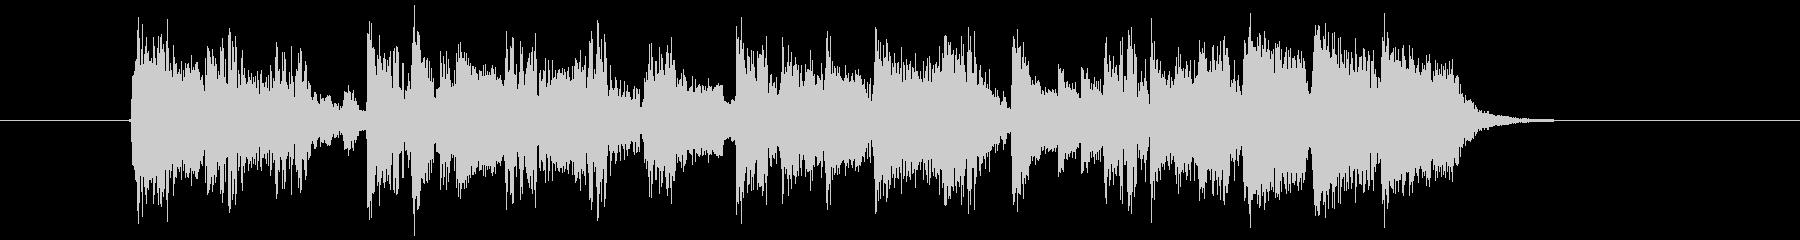 ワイルドでクールなパンクロックジングルの未再生の波形